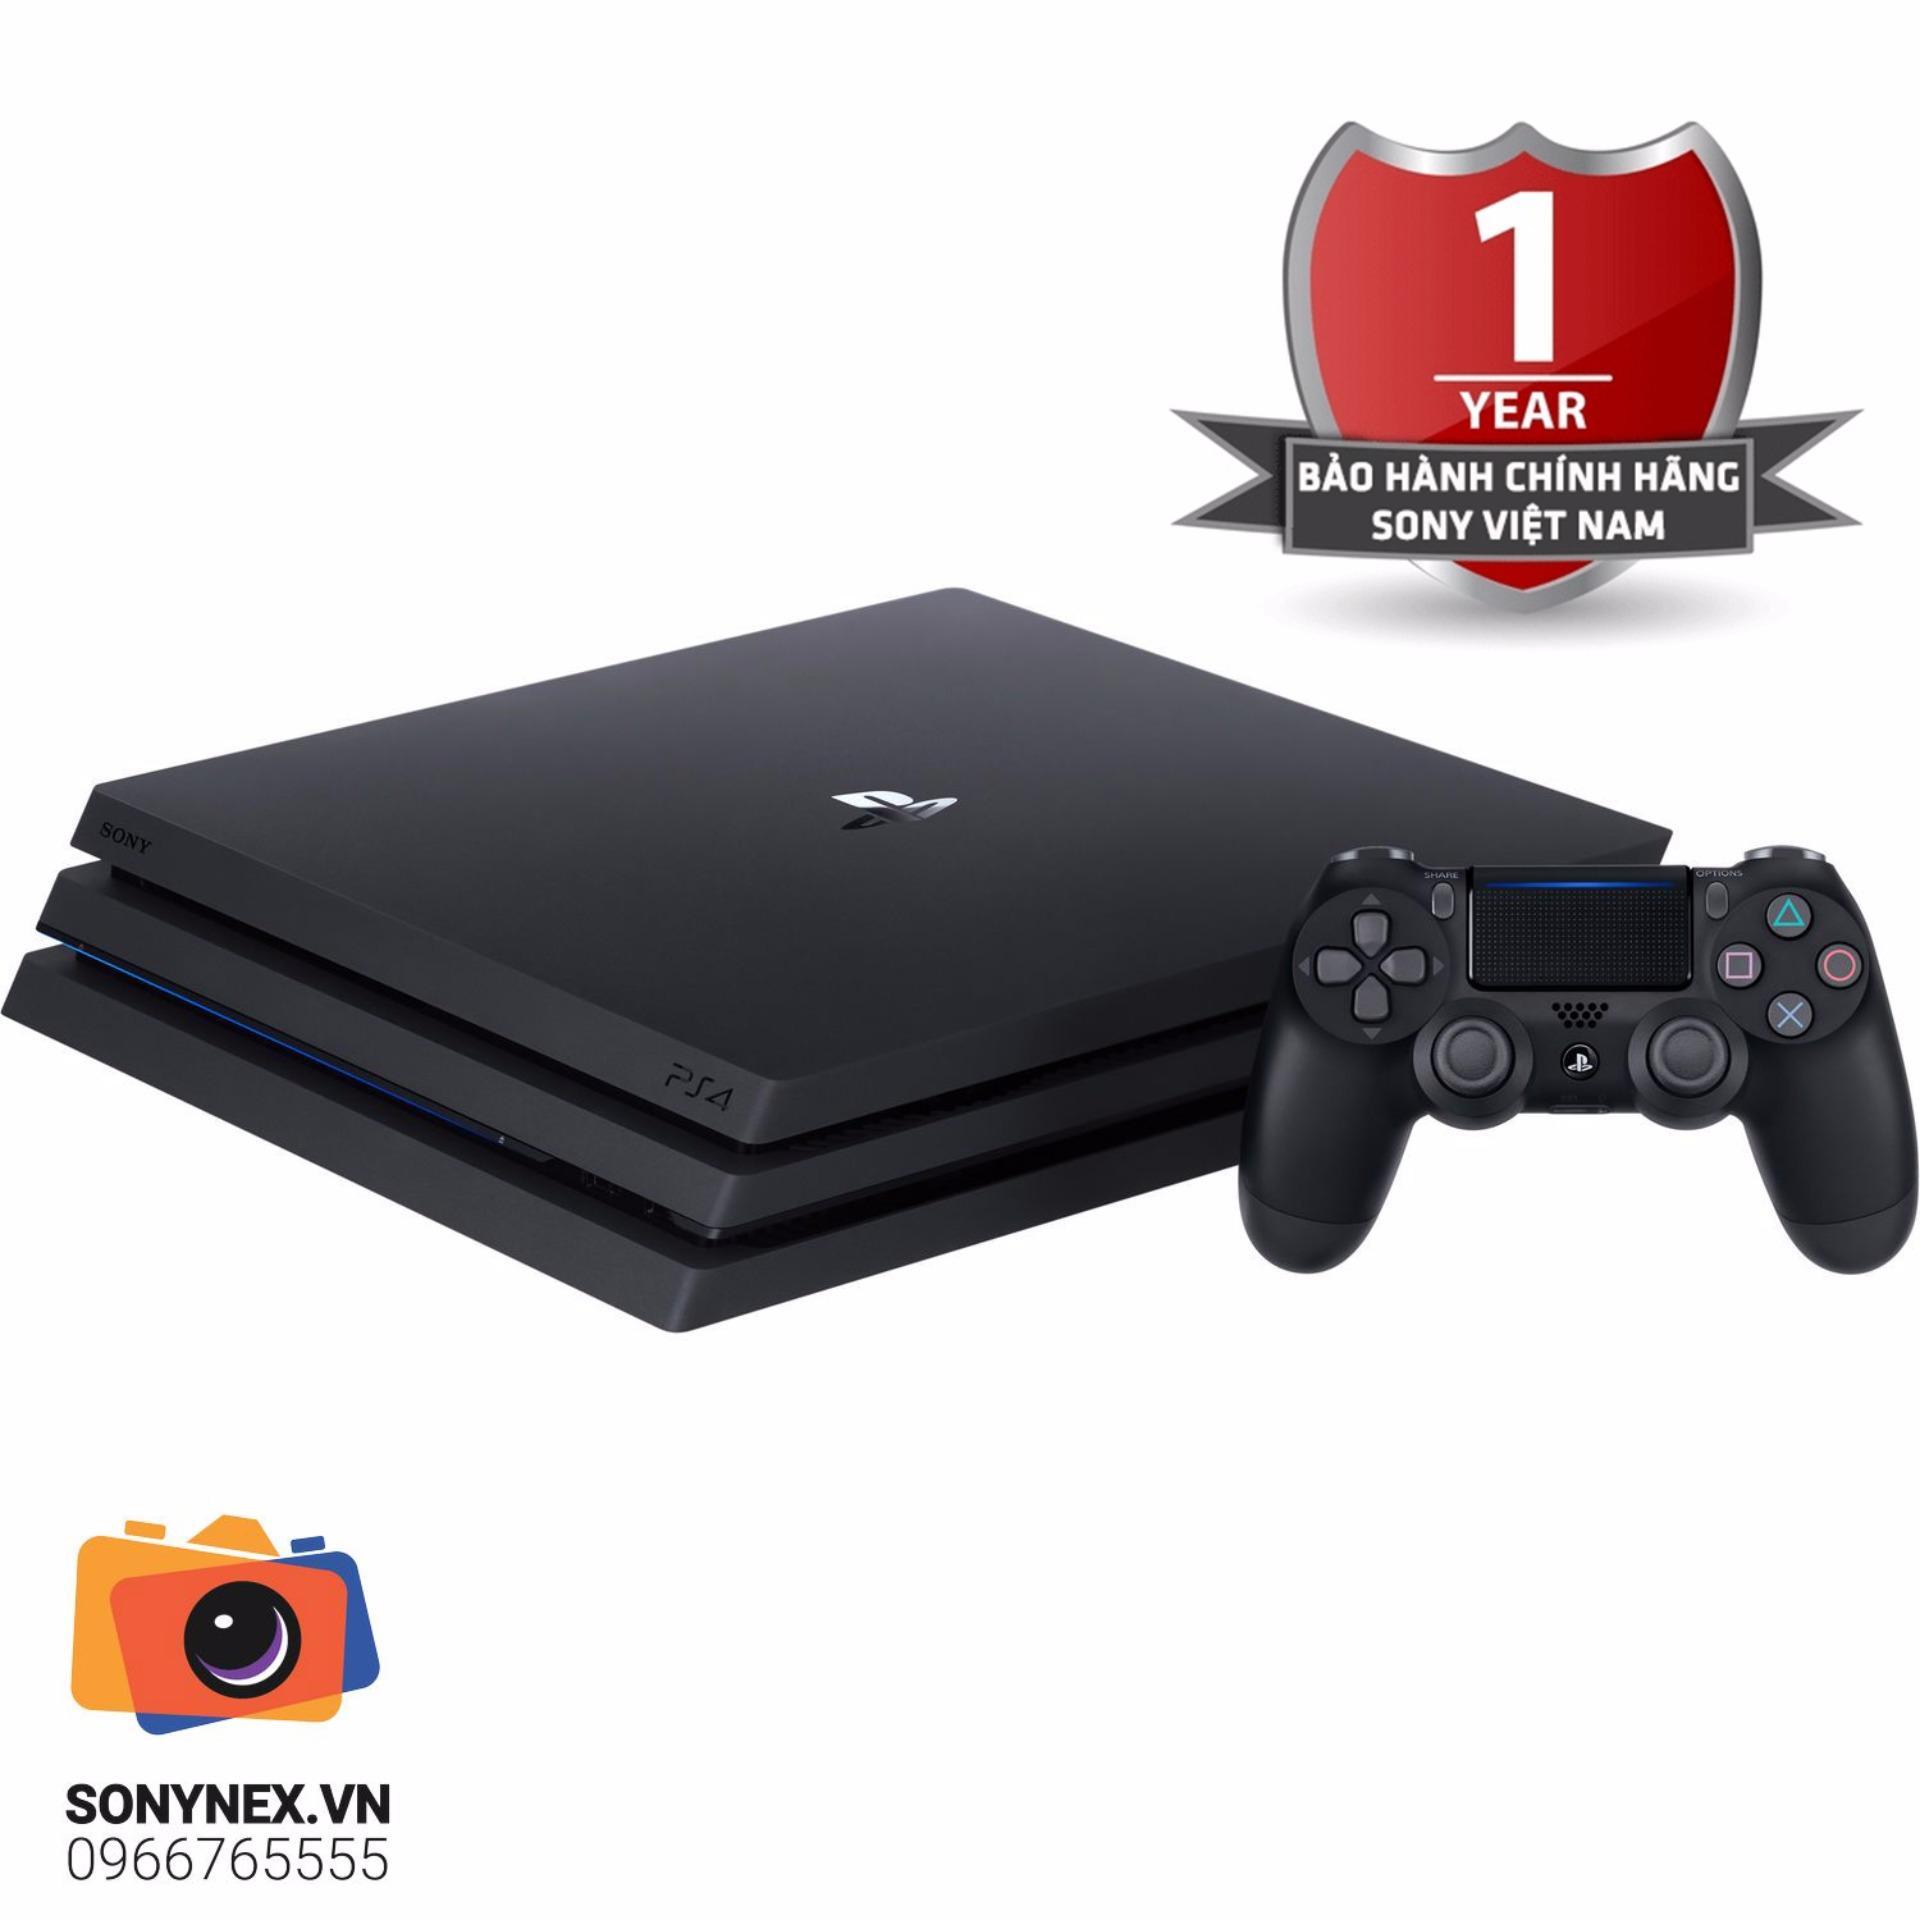 Máy chơi game PlayStation 4 Pro Console 1 TB